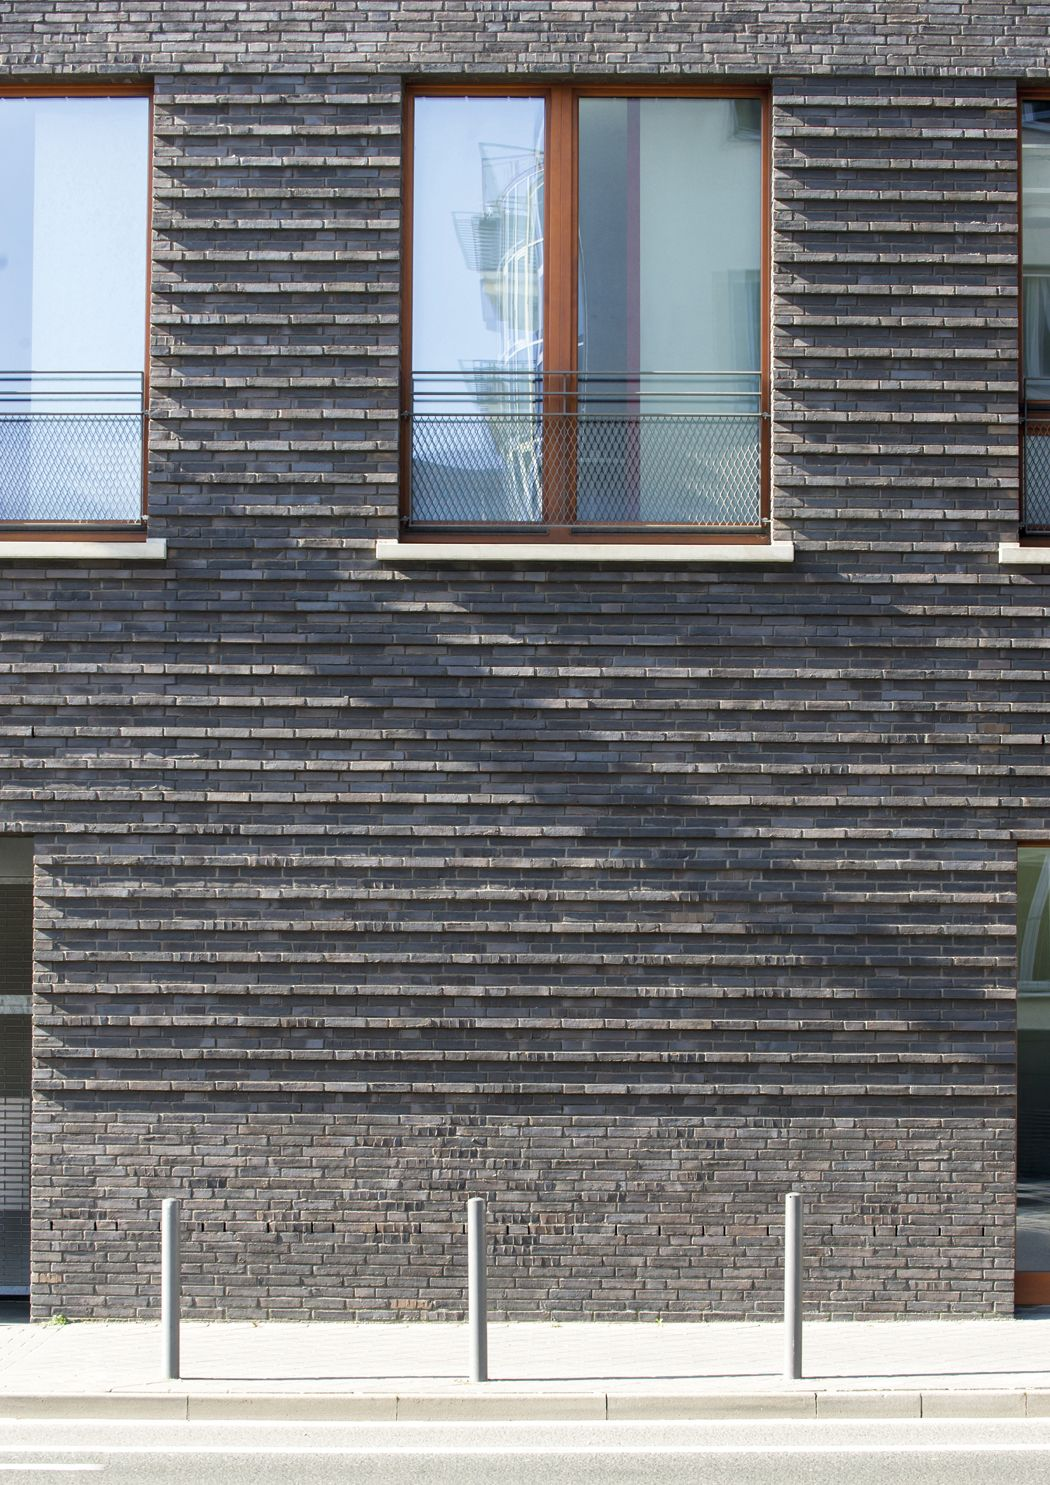 Gemeindezentrum im Westhafenviertel Bauen mit Backstein 04 21 13 BRICK Ziegel design  ~ 18031254_Backstein Mauerwerk Brandschutz